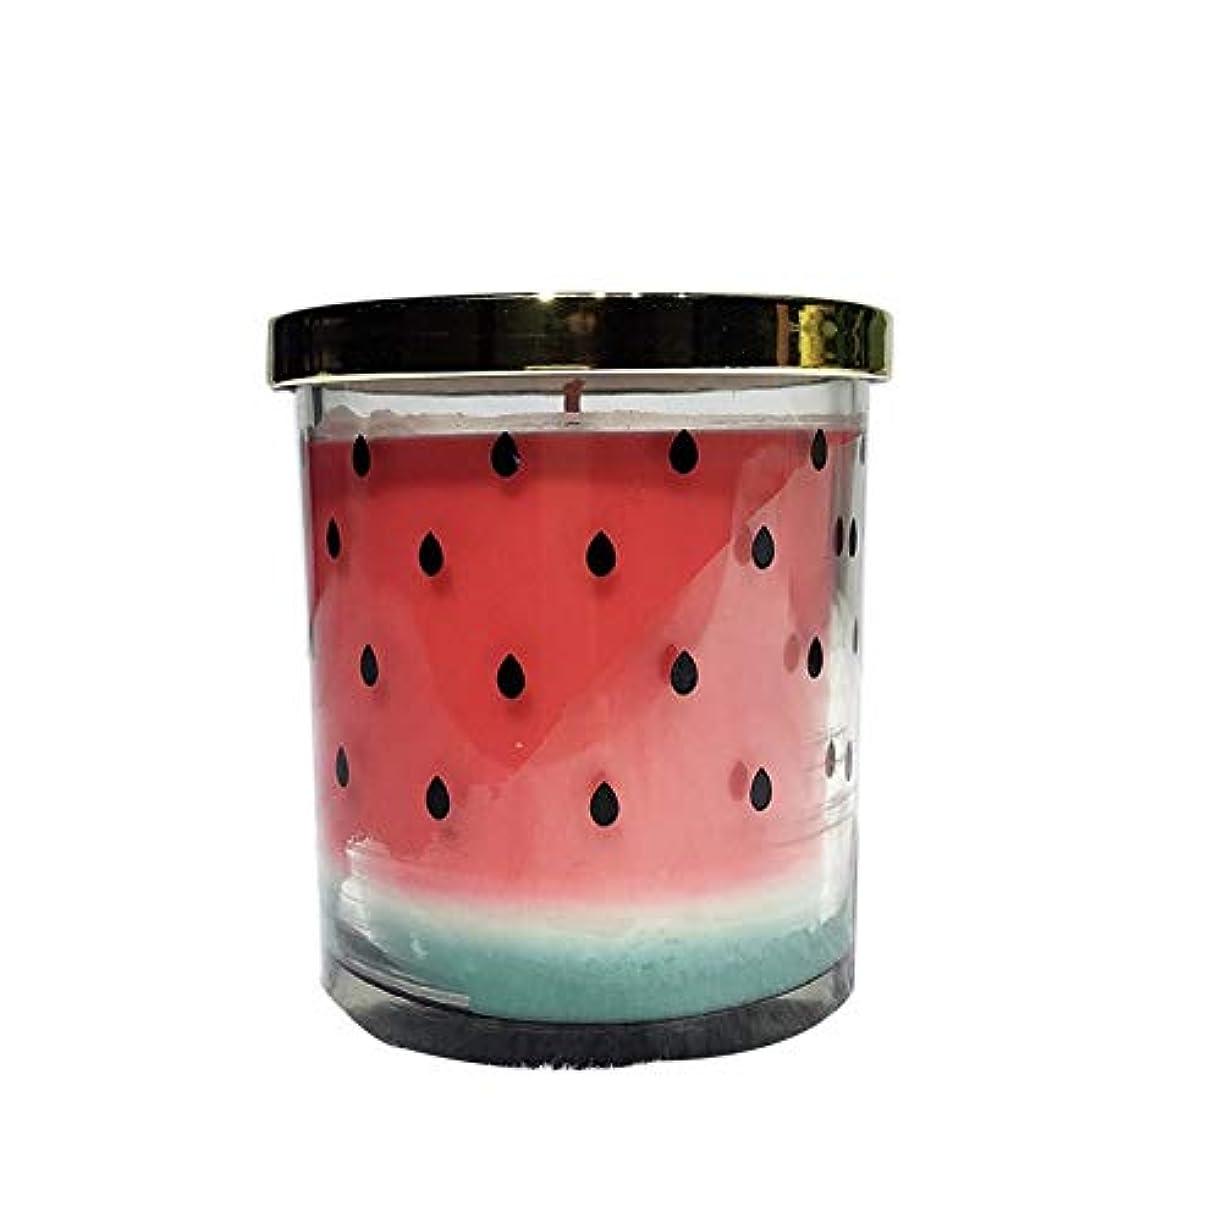 毒性沈黙悪魔Ztian 天然エッセンシャルオイルフルーツの香りキャンドルウェディングホテルギフト (色 : Watermelon)